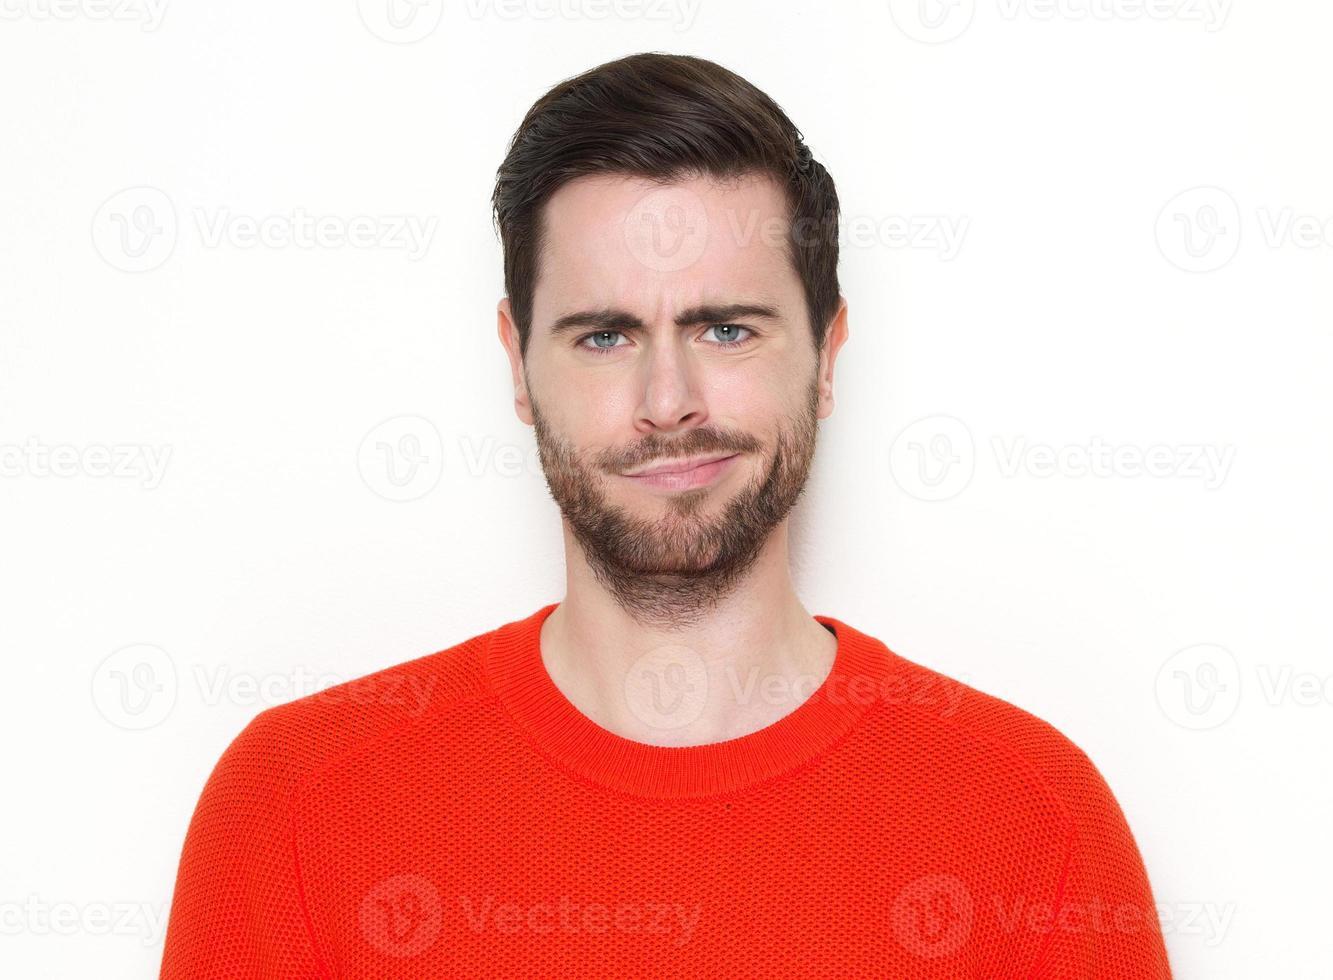 Porträt eines jungen Mannes grinsend foto